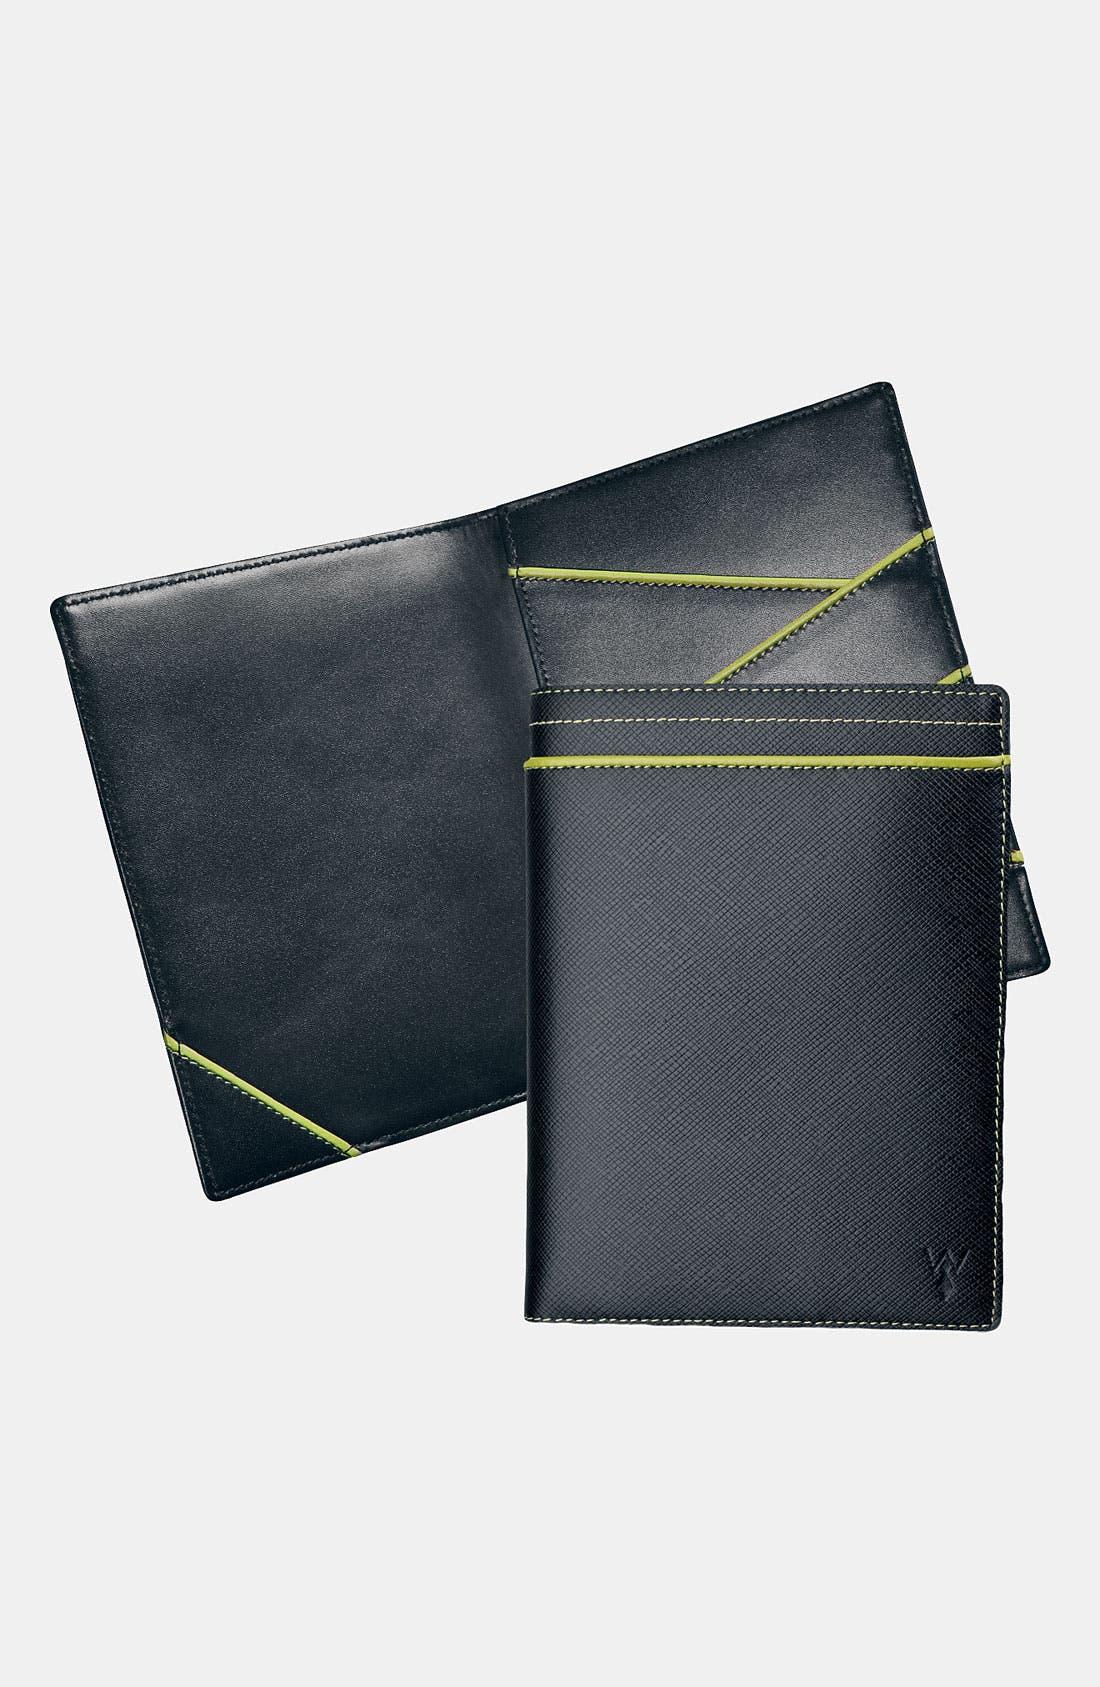 Main Image - Würkin Stiffs RFID Blocker Passport Wallet